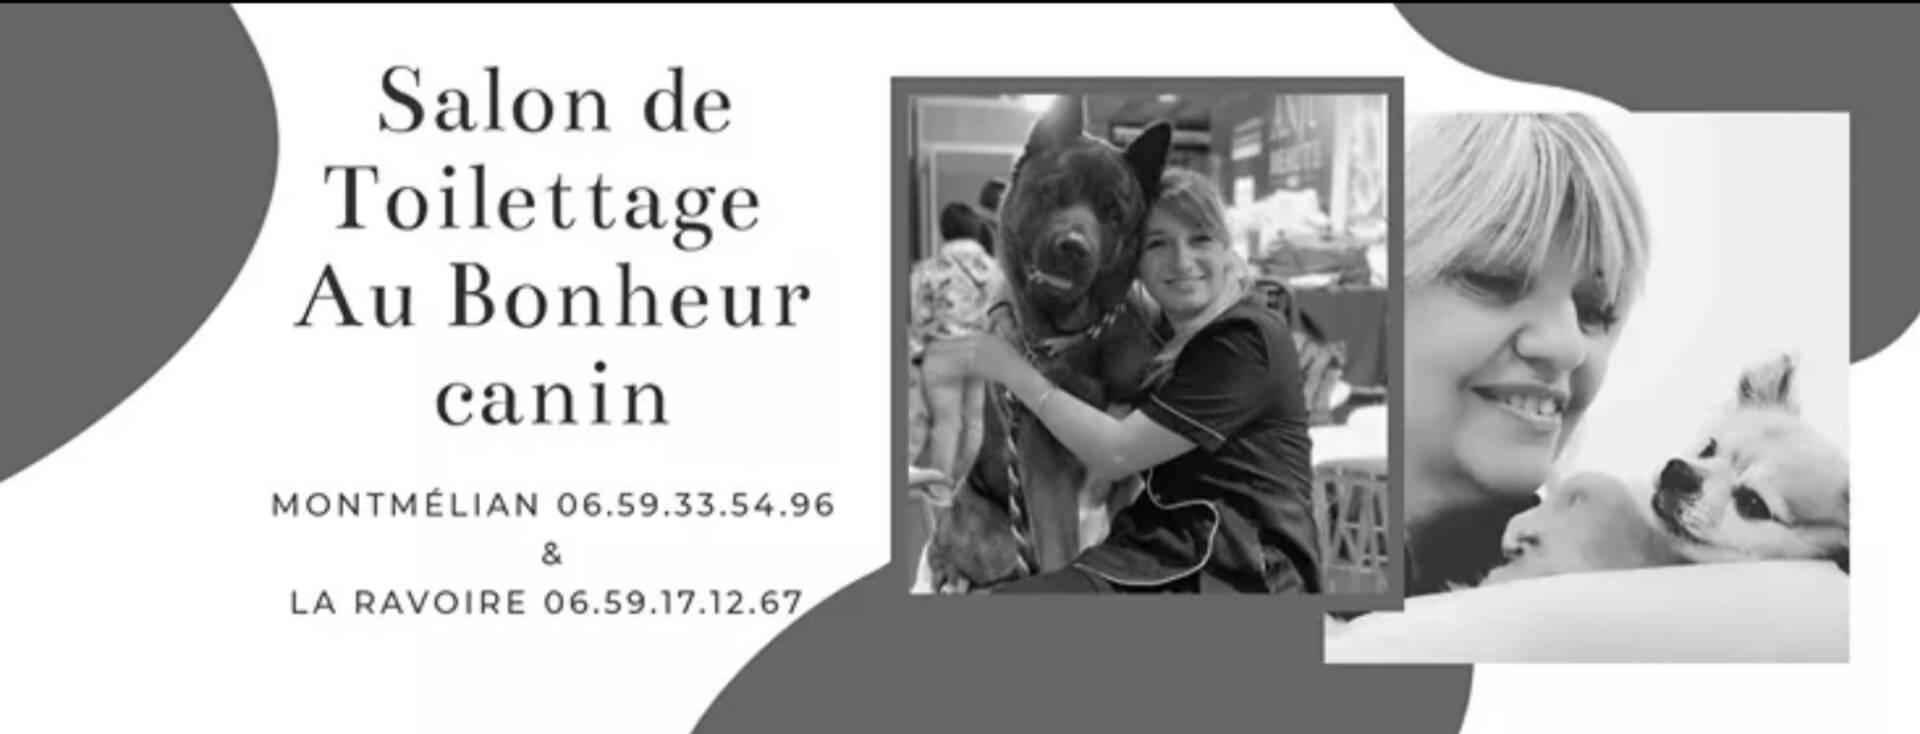 Toilettage chien à Chambéry | Au Bonheur Canin